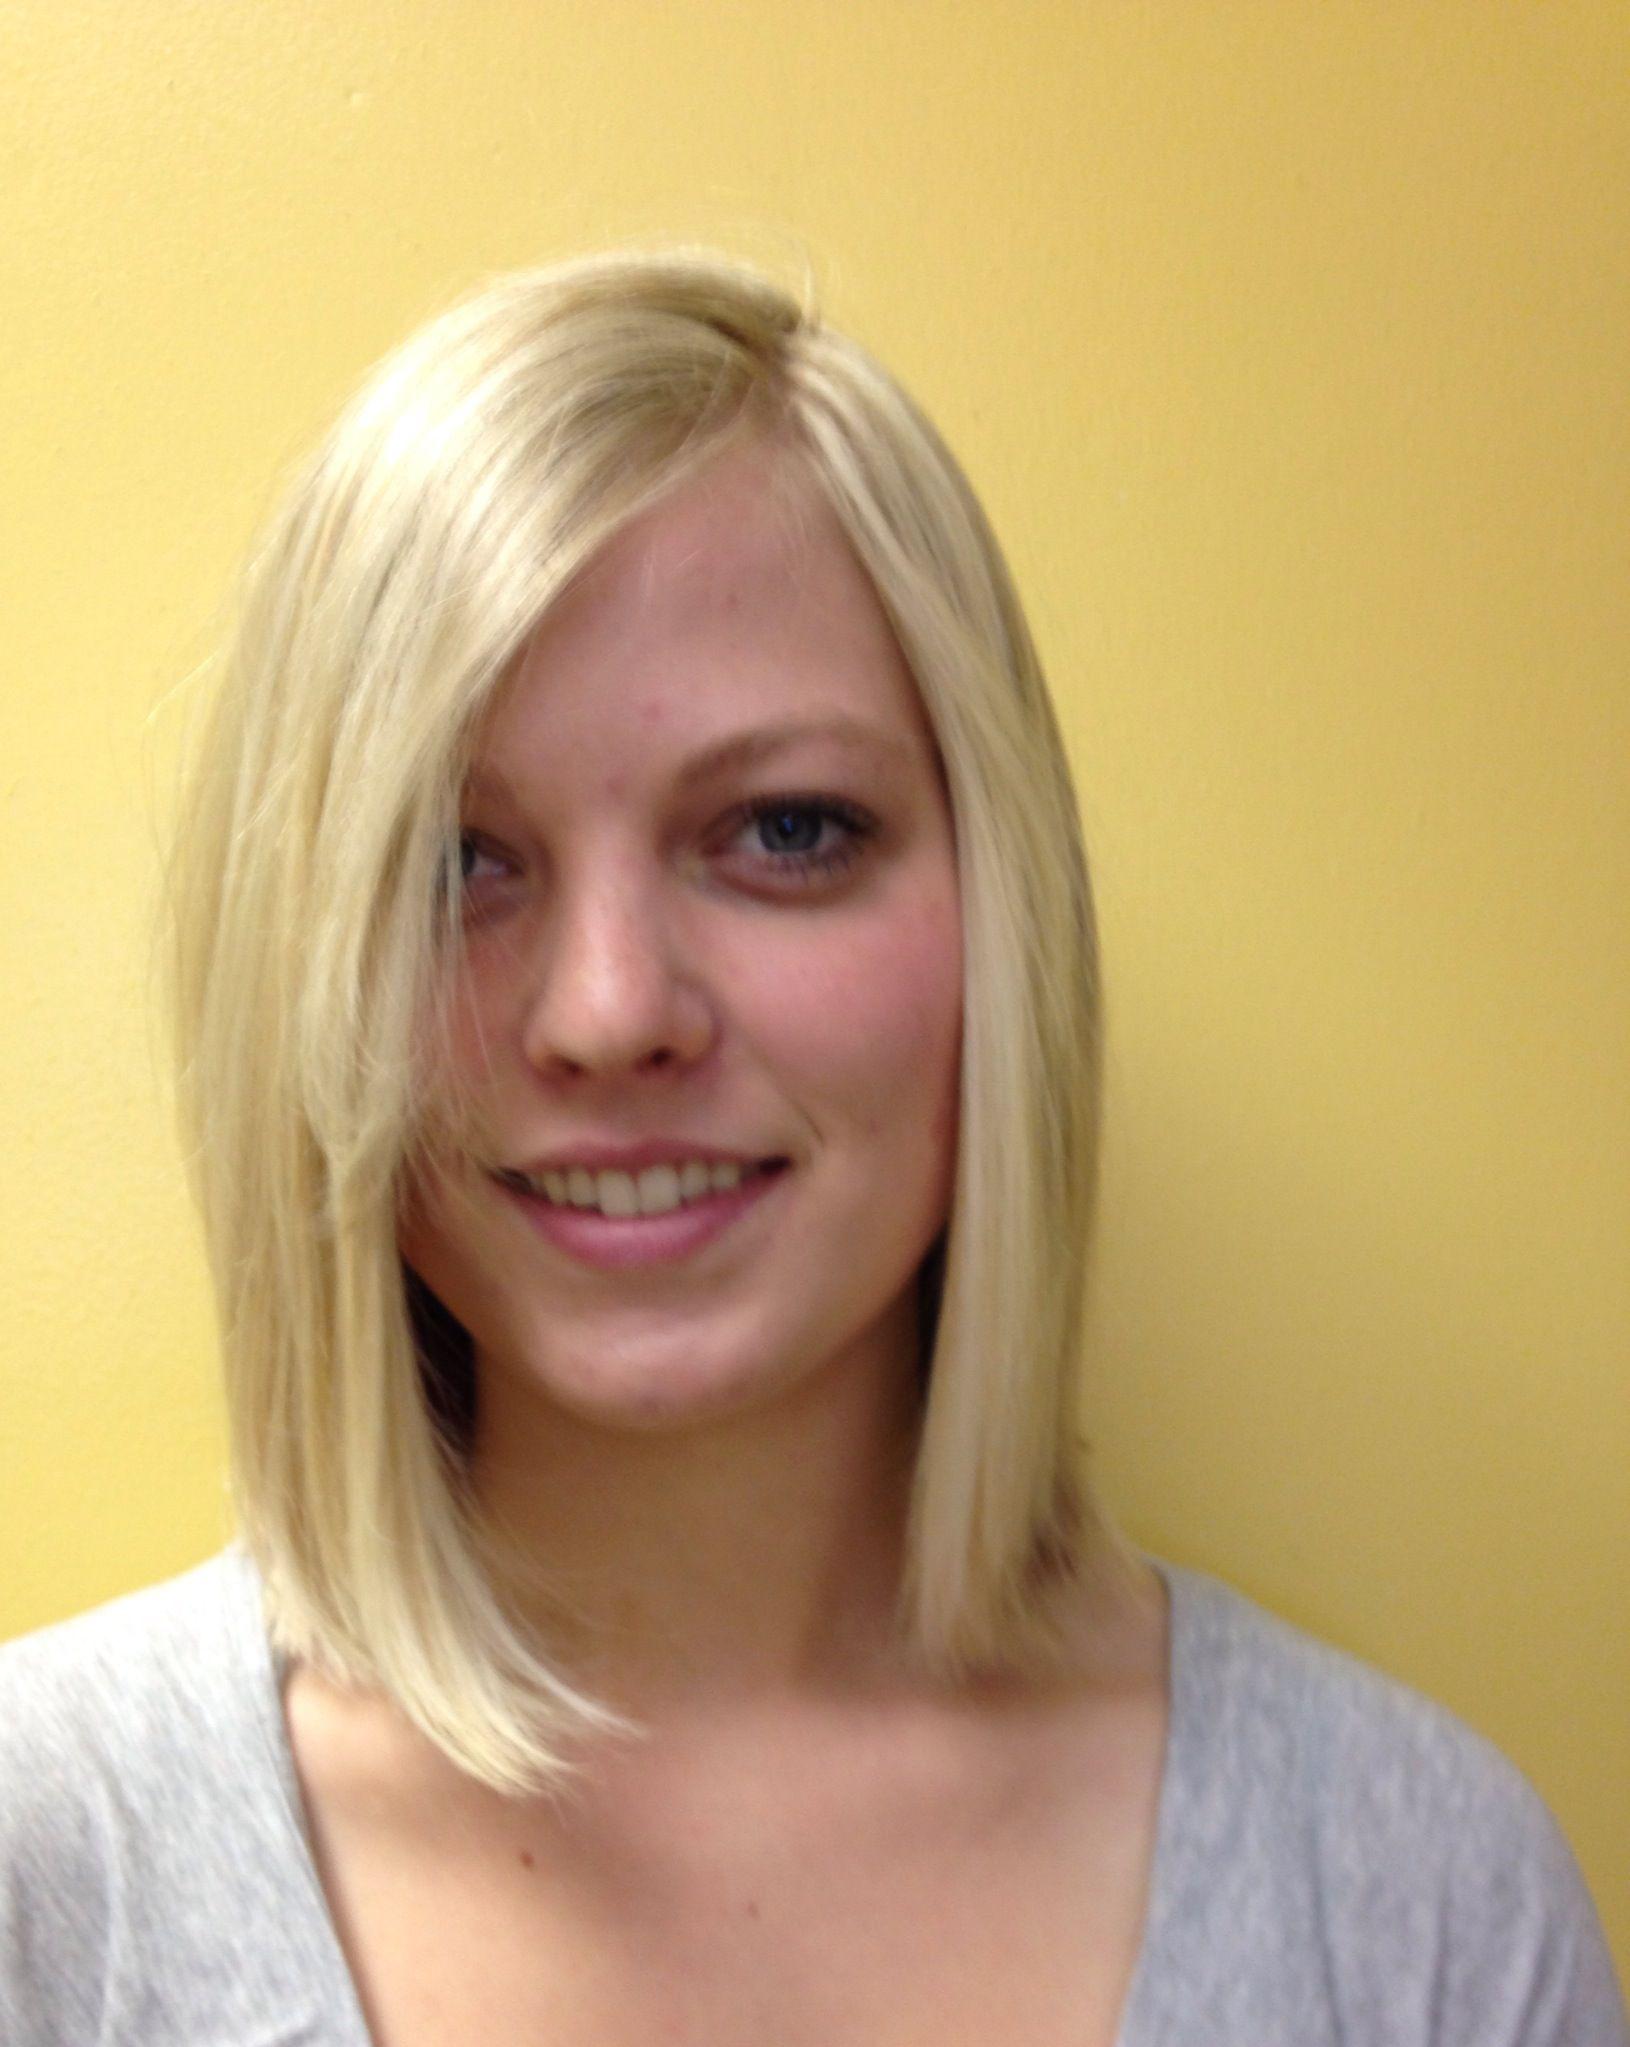 Blonde Color With Auburn Underneath Artiste Salon Hair